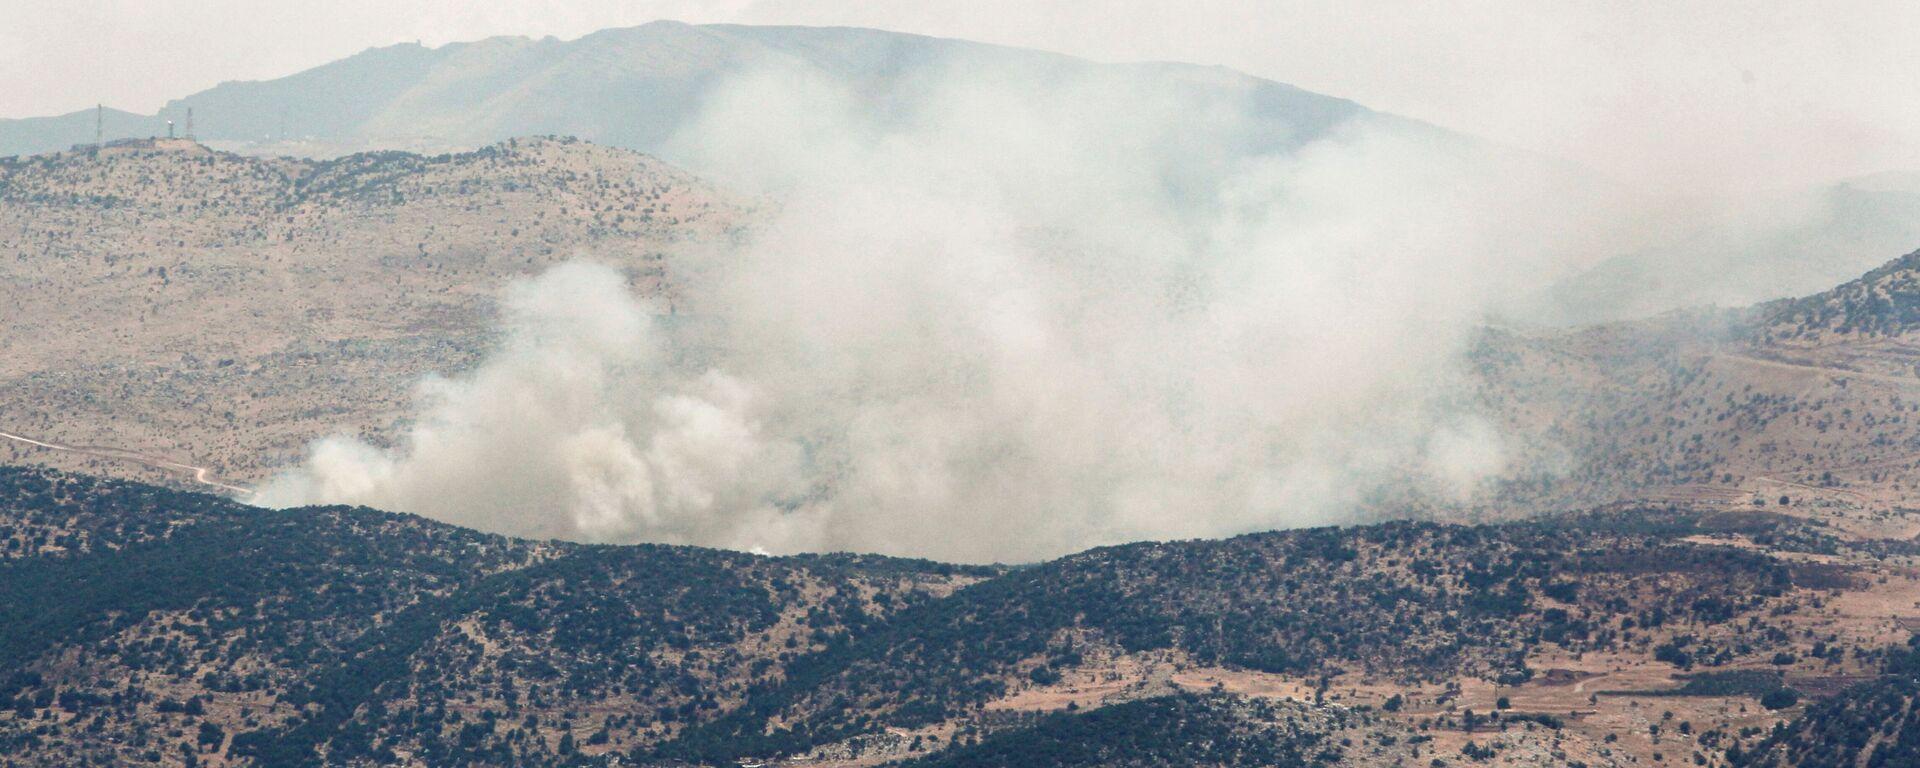 Dým po raketových útocích poblíž hranic Libanonu a Izraele  - Sputnik Česká republika, 1920, 08.08.2021